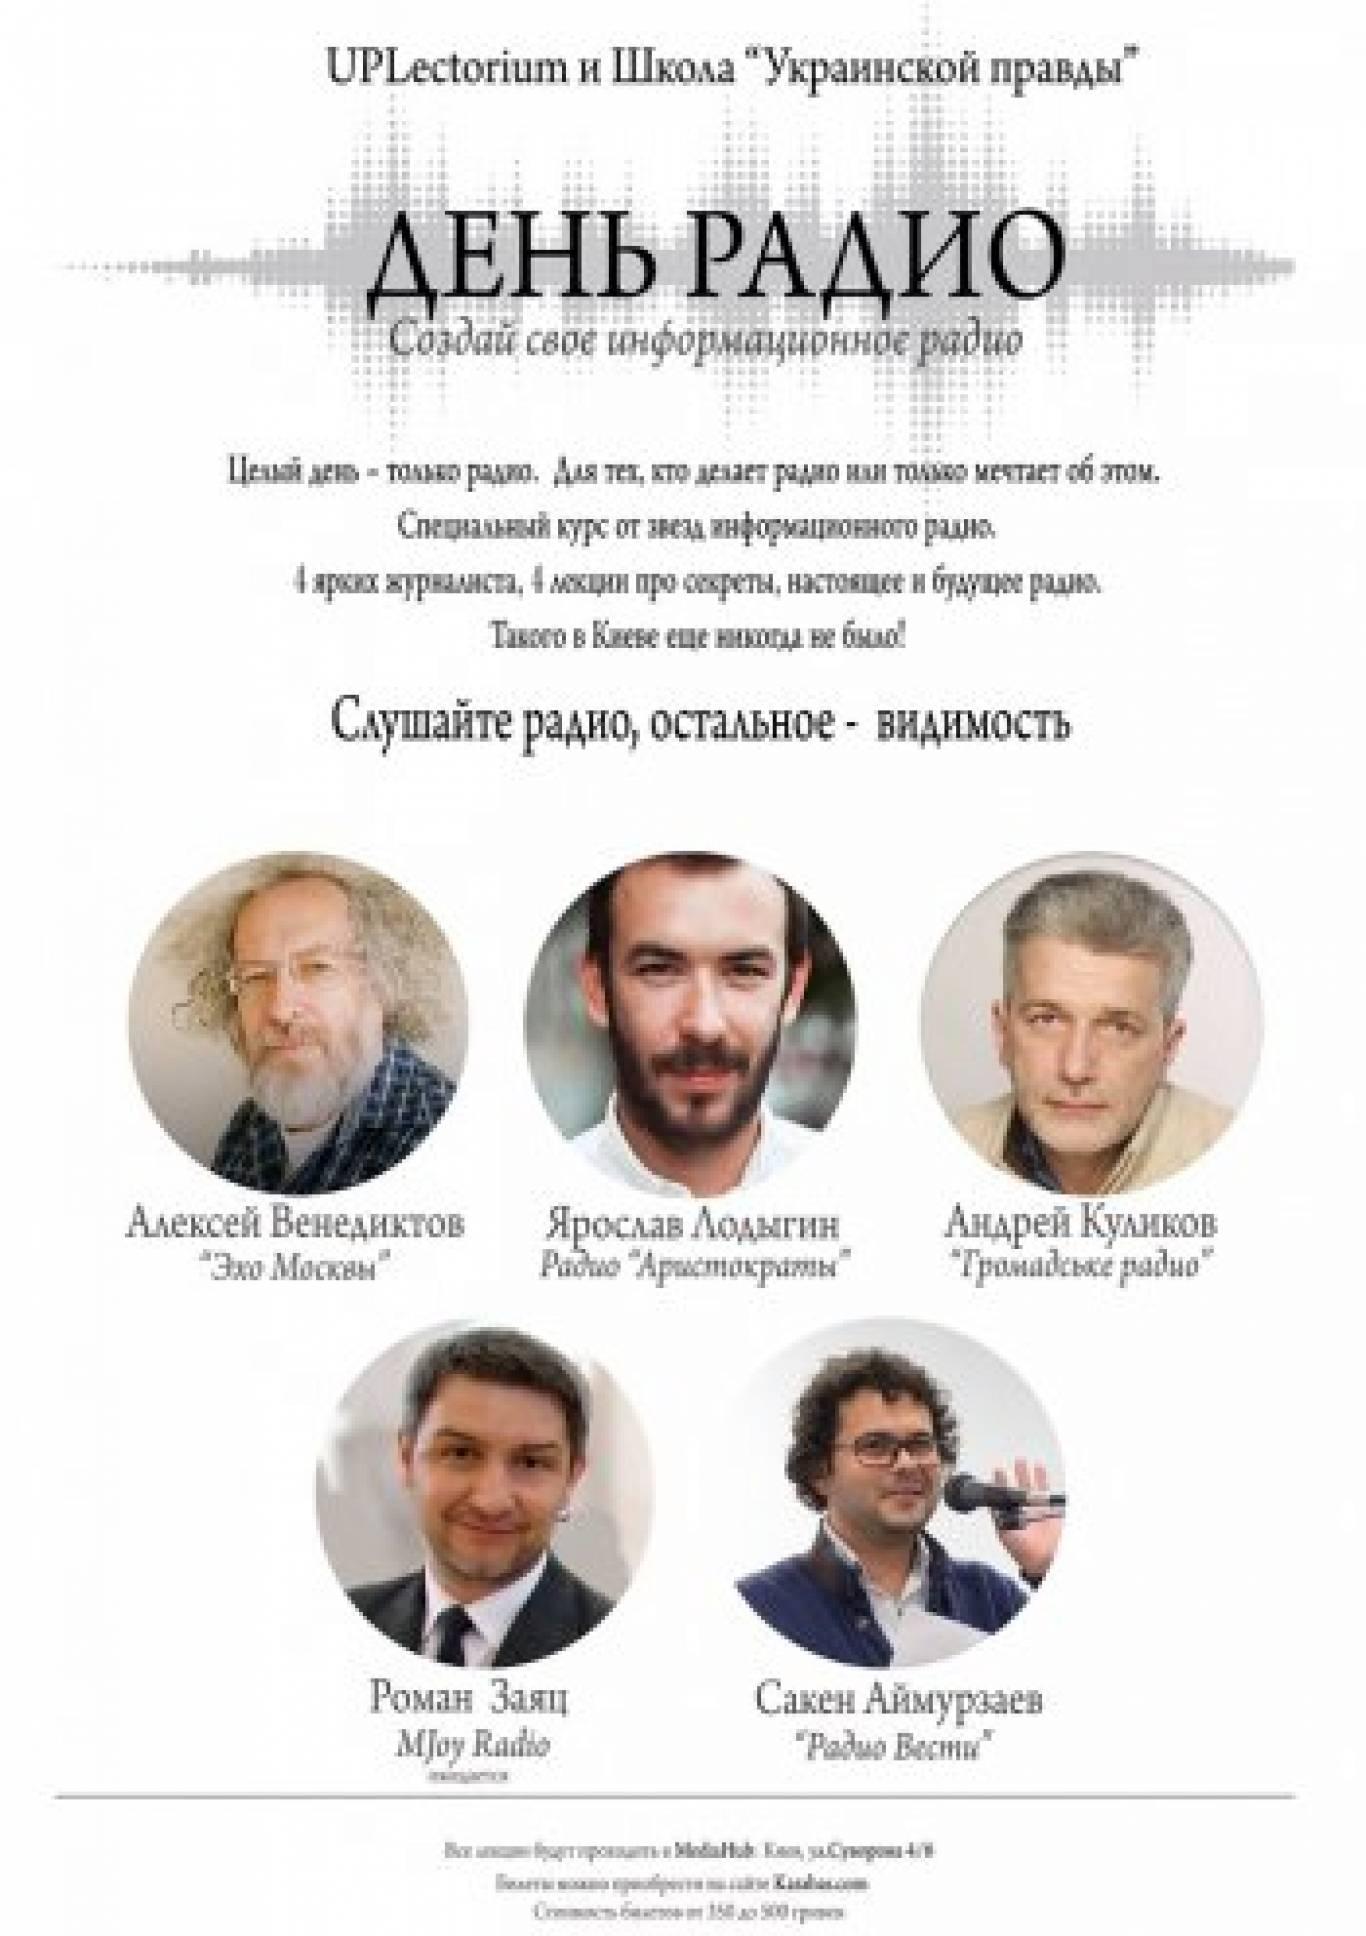 """""""День радіо"""" з """"Українською правдою"""": зустріч в MediaHub для тих, хто любить інформаційні хвилі"""